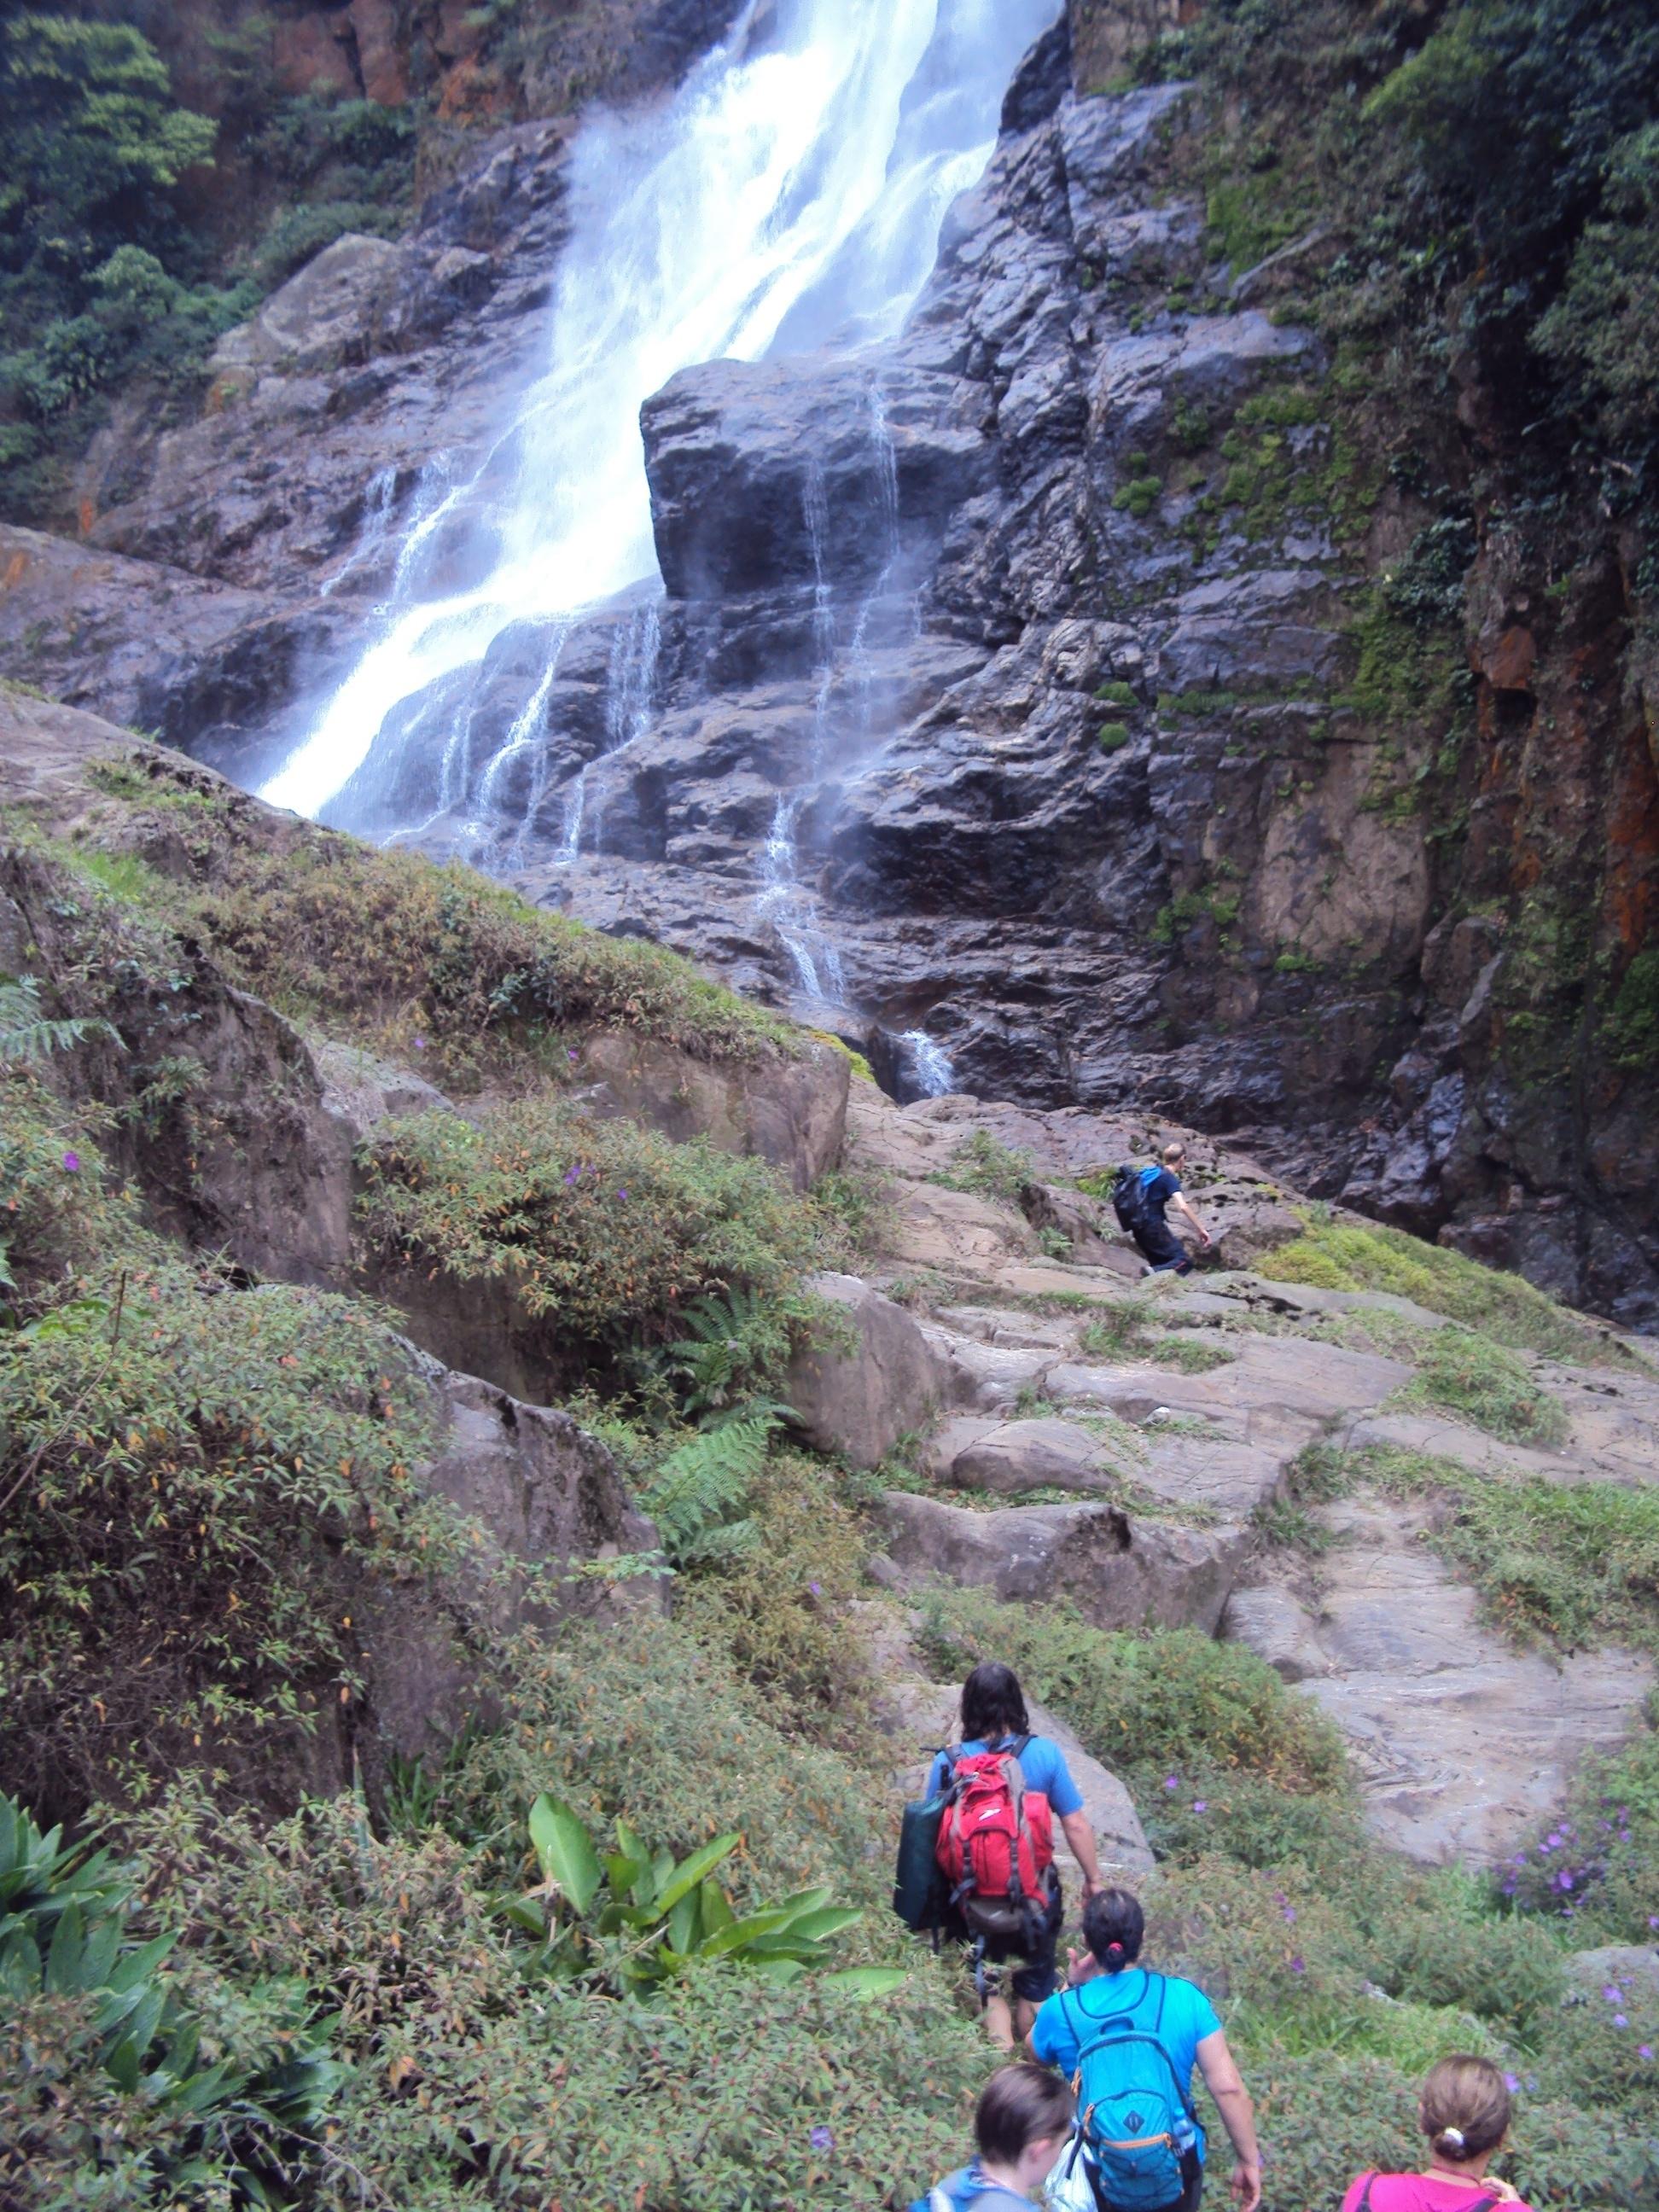 Vale das cachoeiras novembro 2014 043.jpg